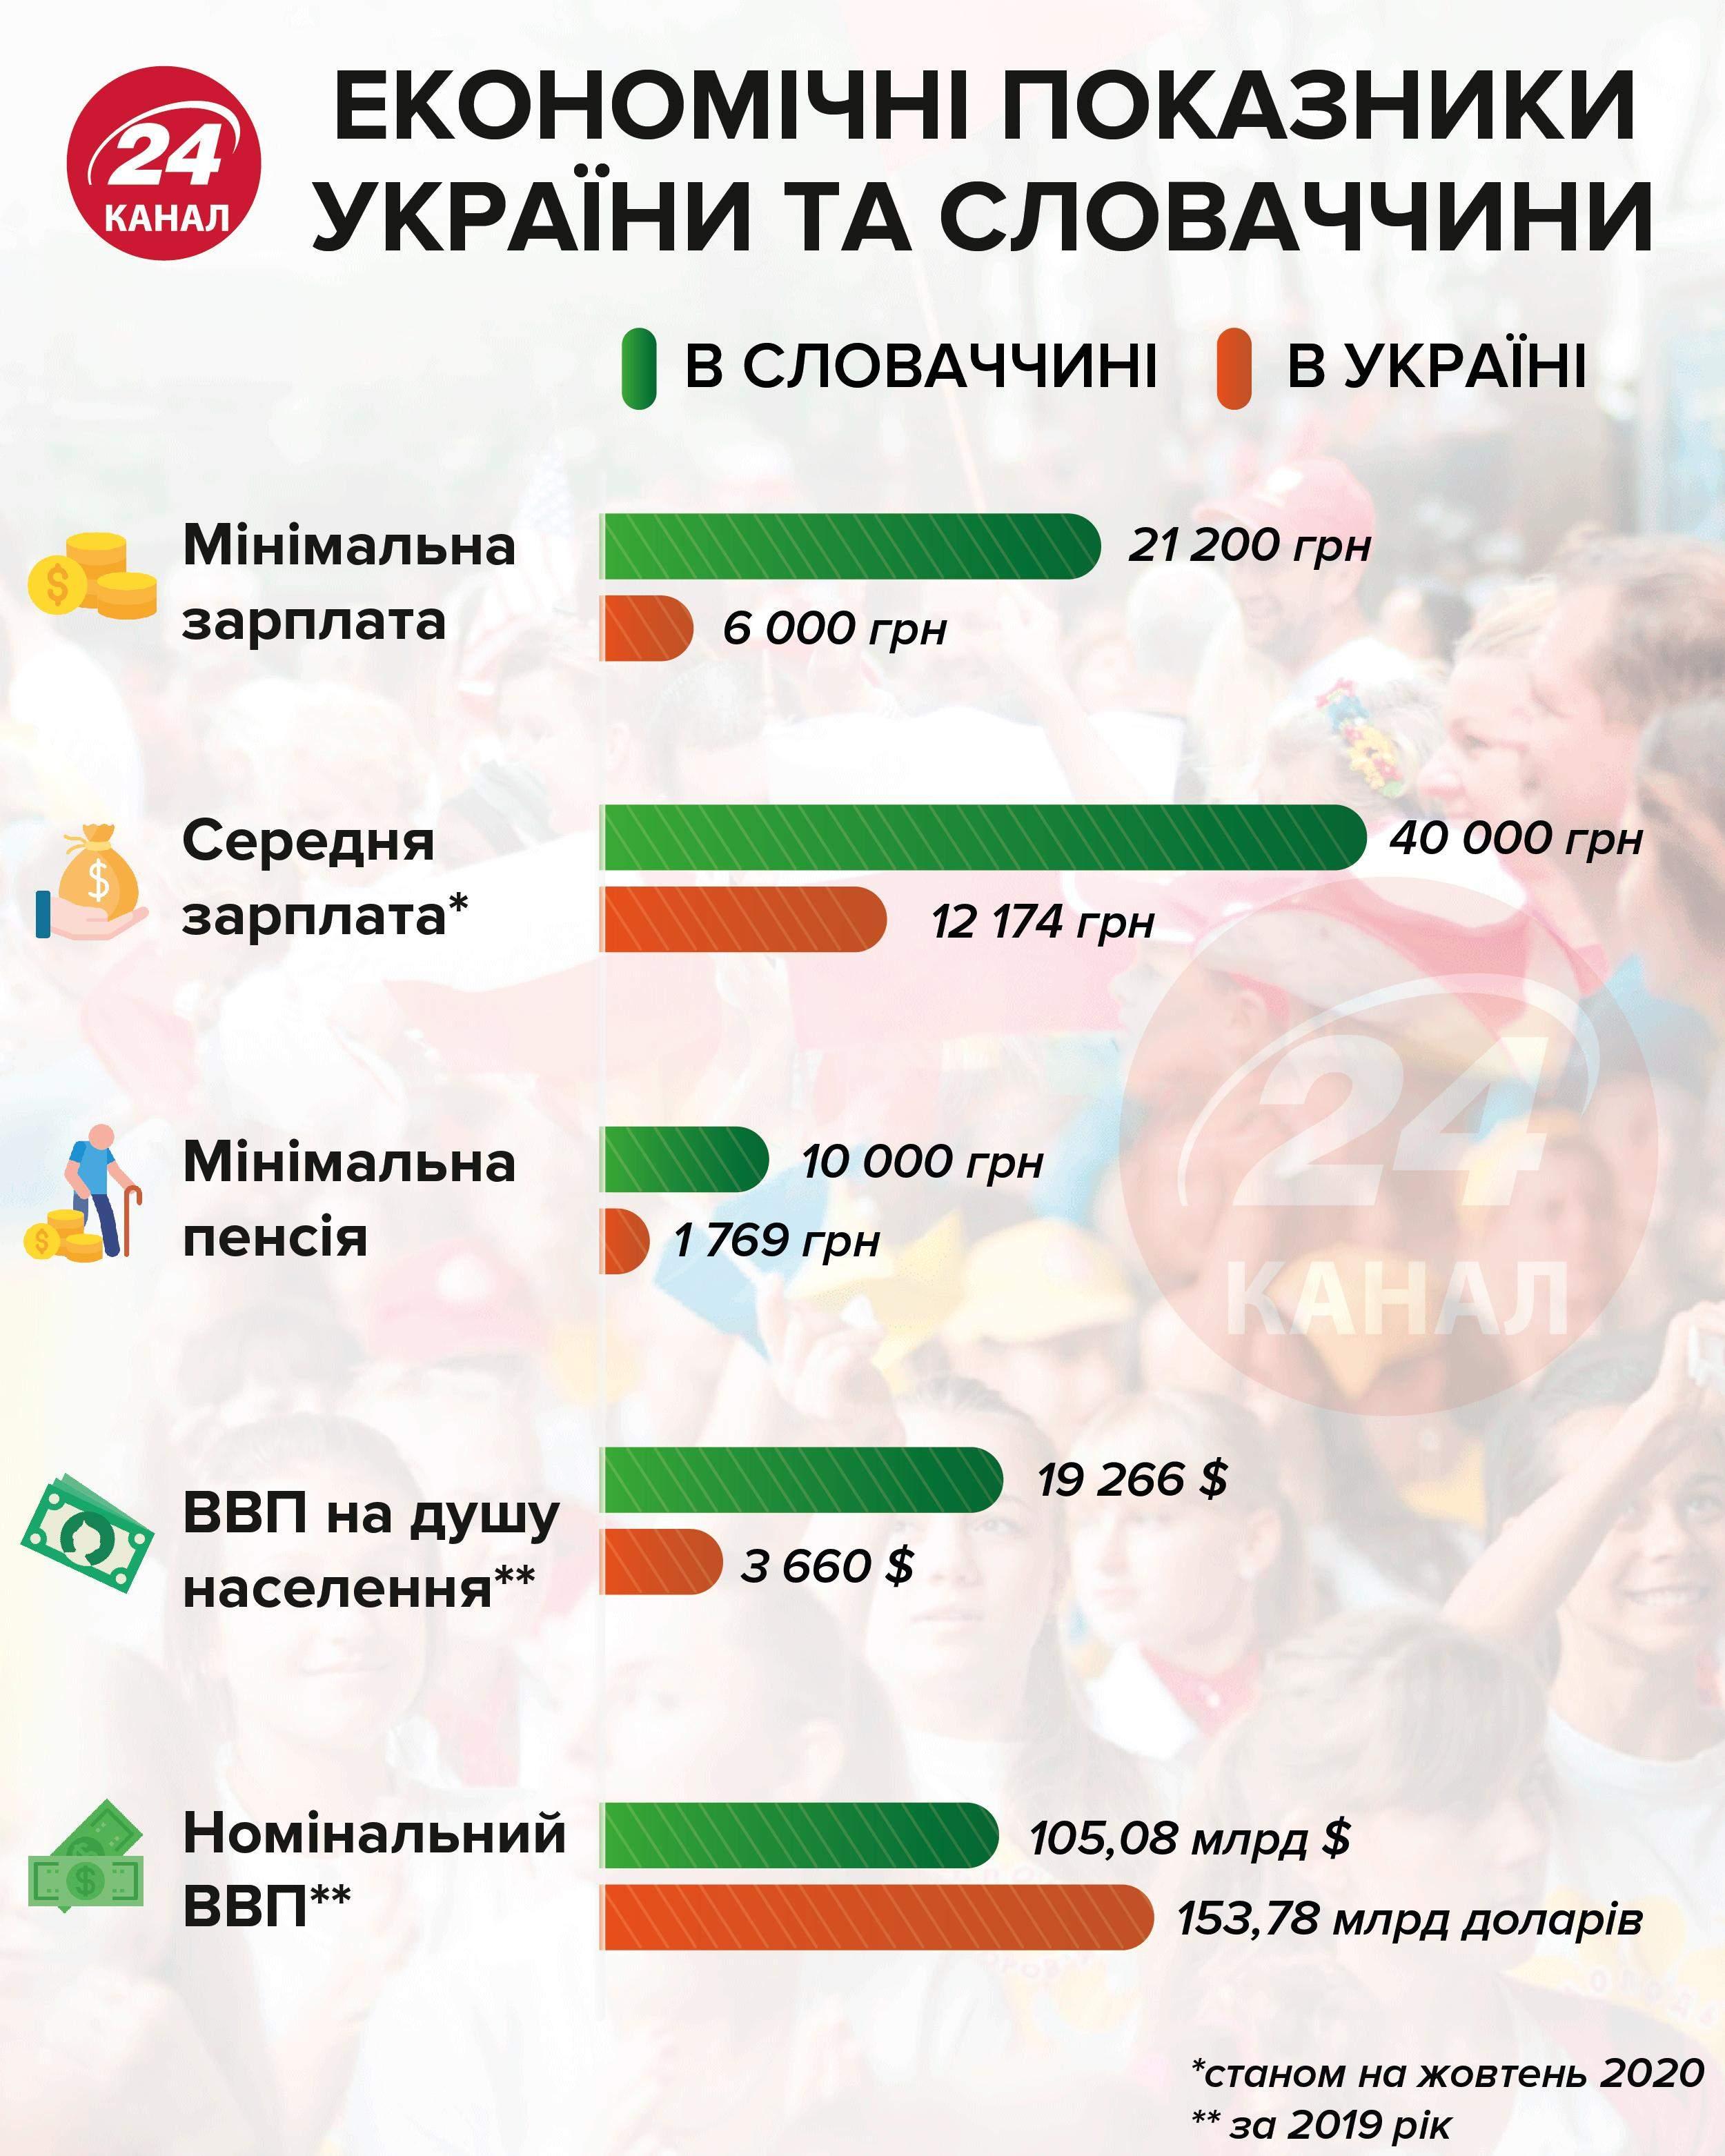 Економічні показники України та Словаччини  Інфографіка 24 каналу